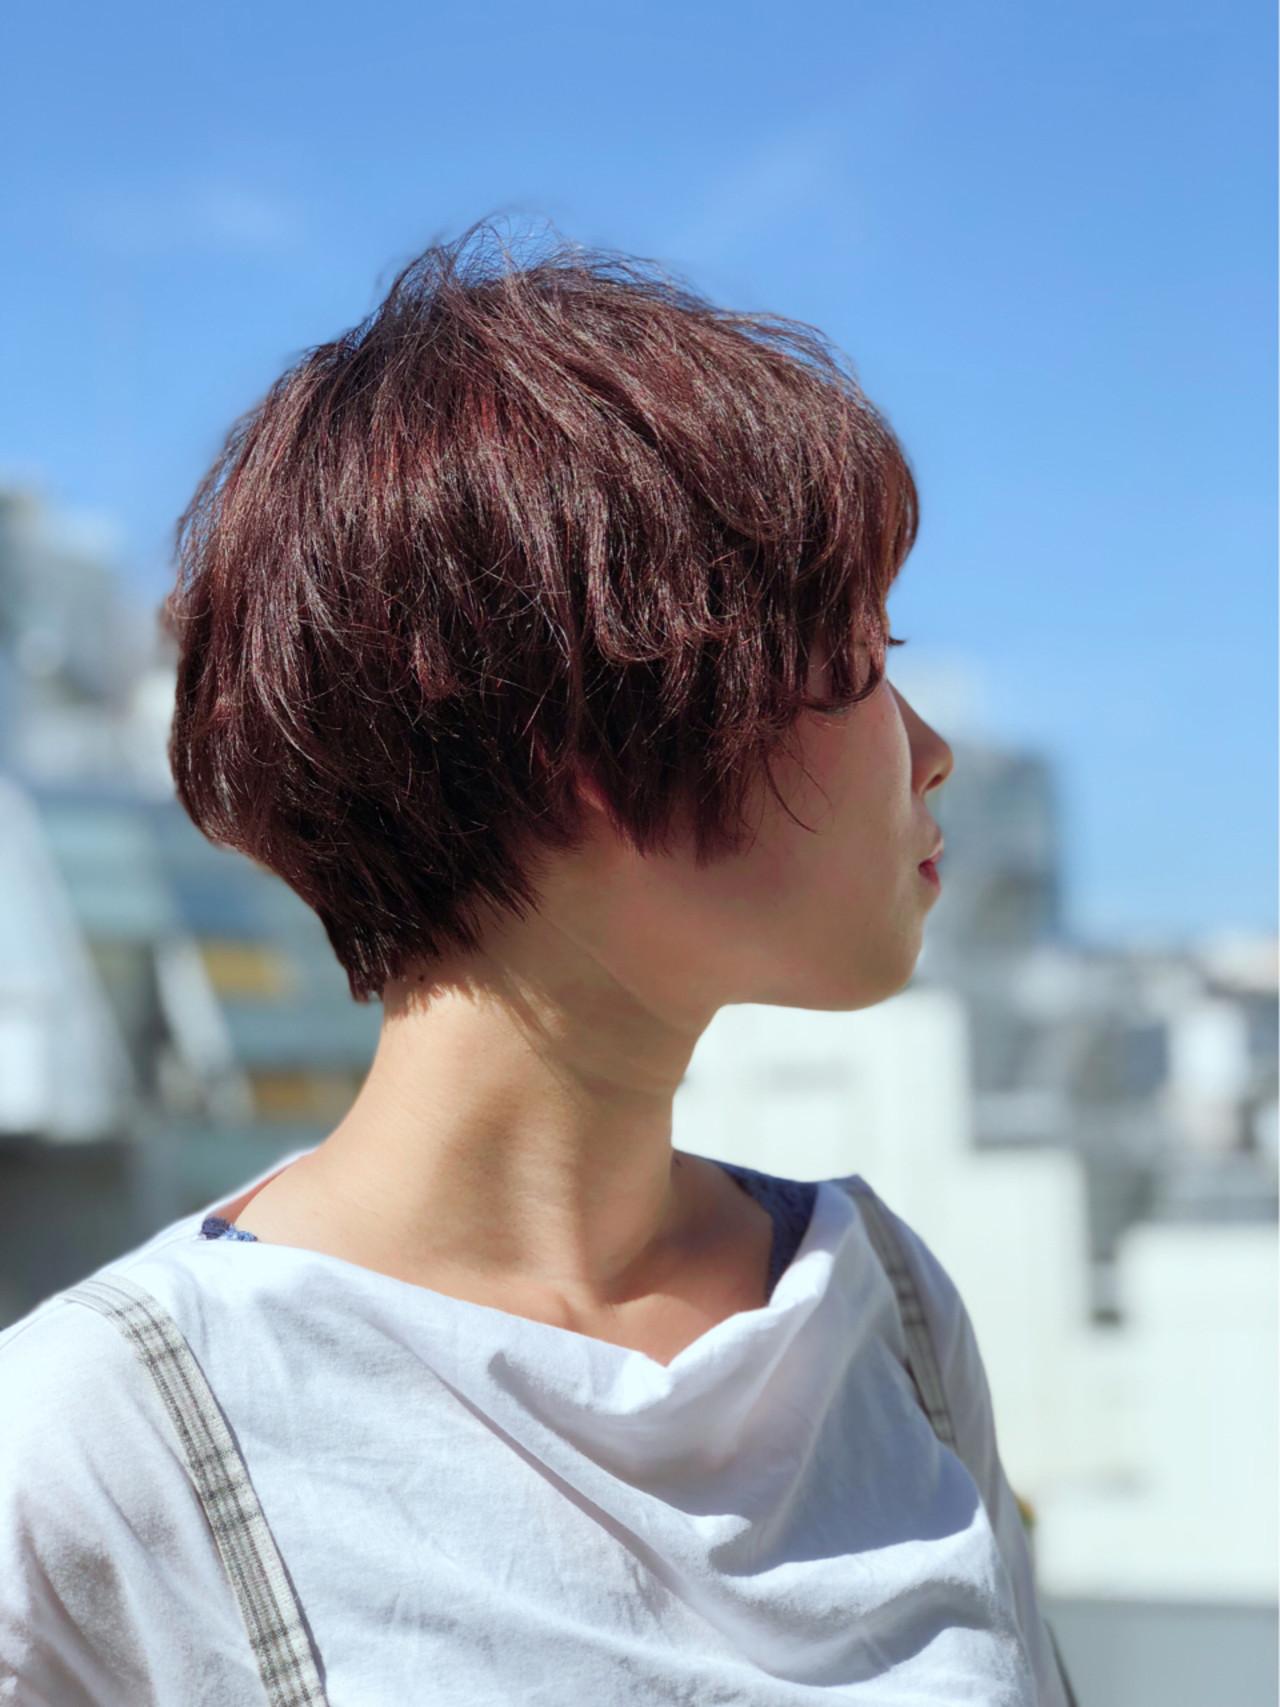 秋 冬 ショート マッシュ ヘアスタイルや髪型の写真・画像